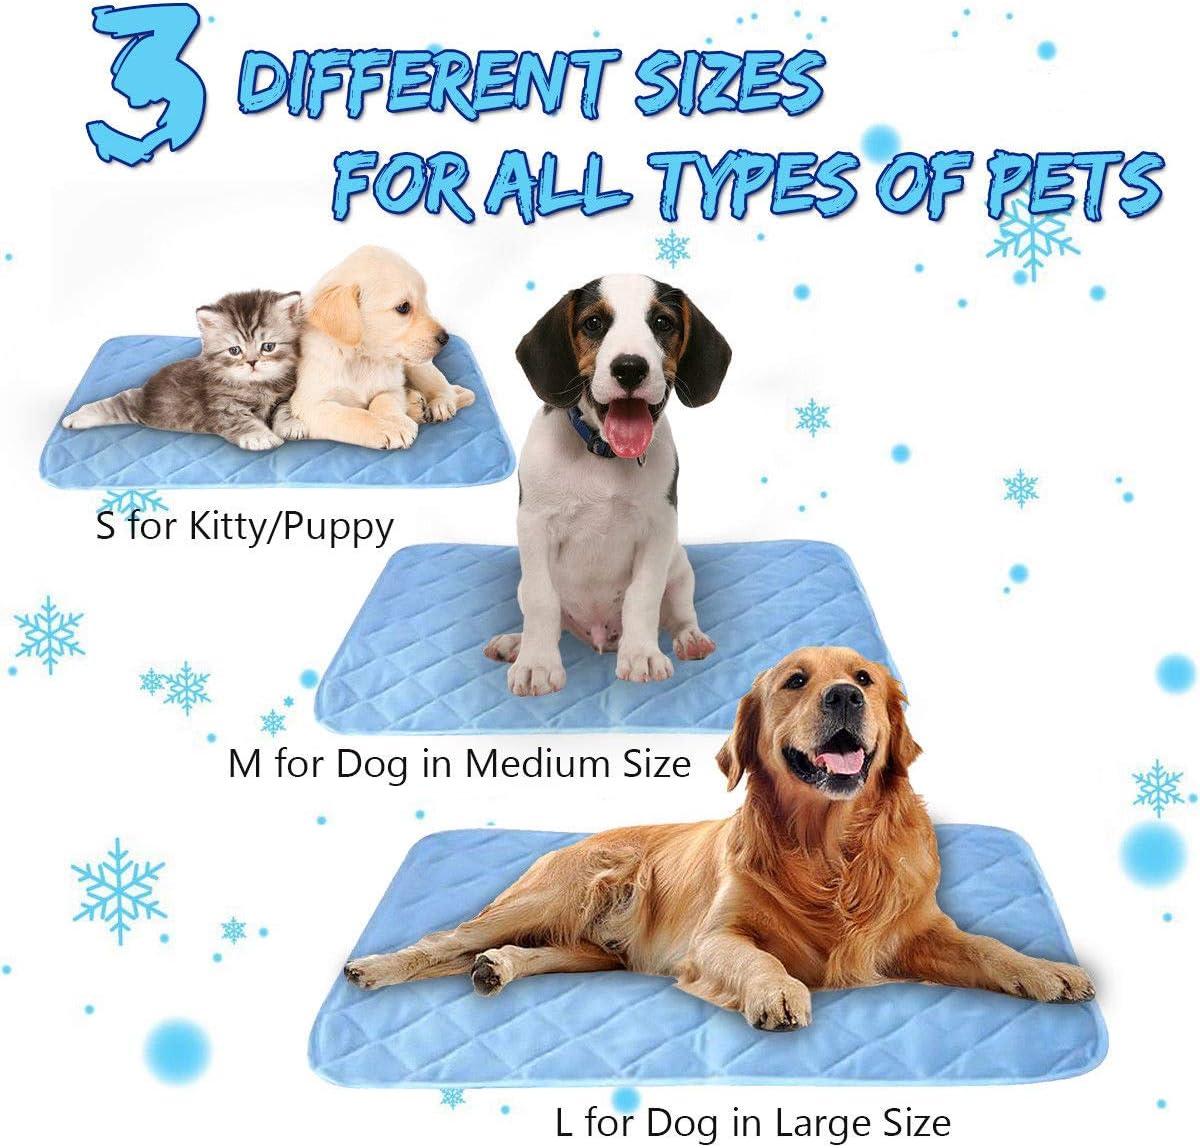 ForUUU Alfombrilla de Refrigeración Animales, Manta para Perros Fria Alfombra Refrescante para Mascotas Animales Manta de Dormir Fresco Cojín Azul (L: 27 * 18 in (90 * 60 cm))